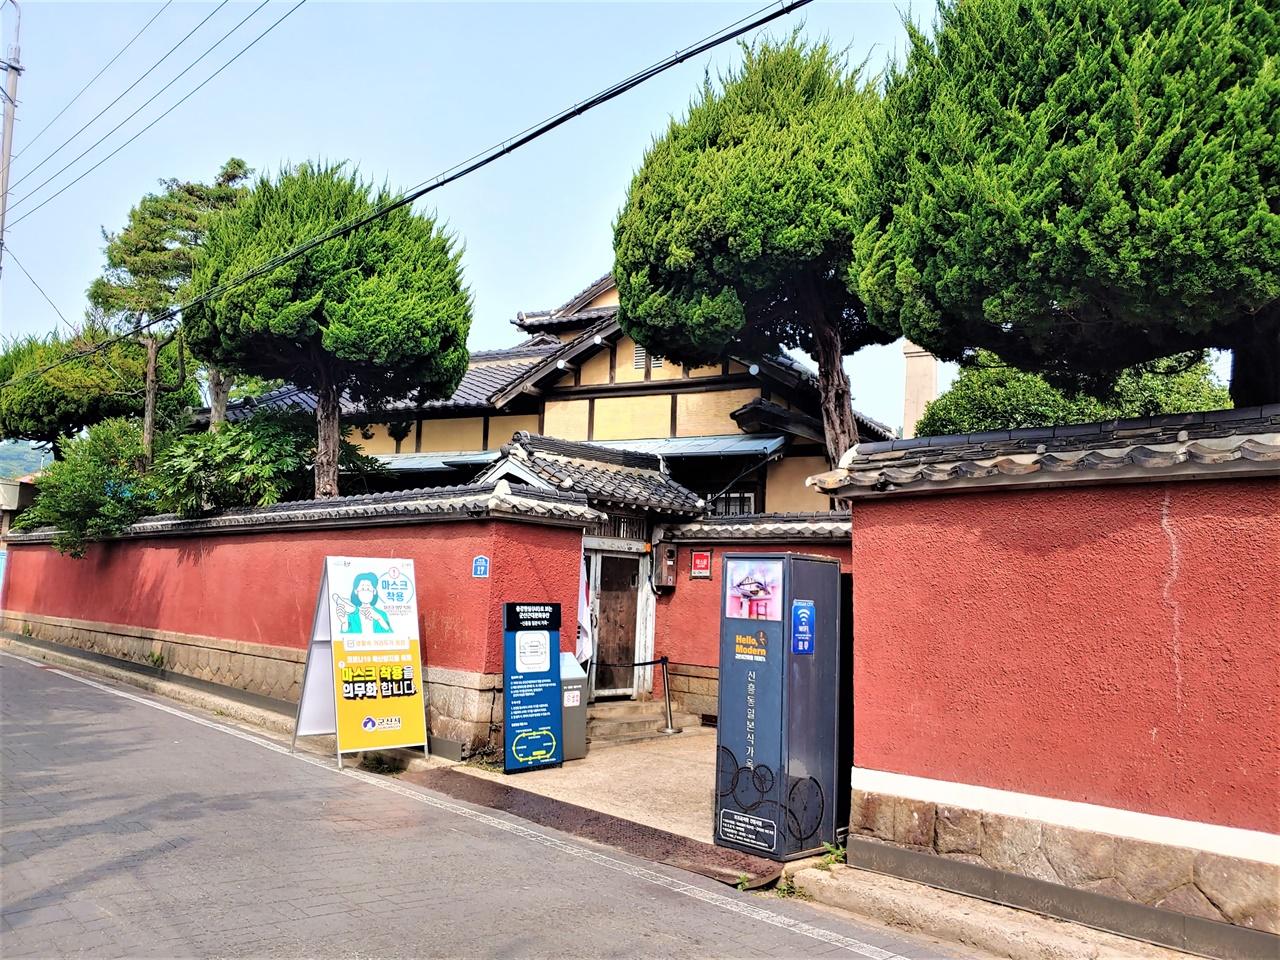 히로쓰 가옥 입구 군산에서 포목점 등을 운영하며 많은 부를 축적, 군산 상권을 쥐락펴락하던 일본인 상인 히로쓰라는 자가 살던 가옥이다. 대체로 원형이 잘 보존되어 있어 드라마나 영화의 촬영지로도 쓰이곤 한다. 촬영 당시는 코로나19로 출입이 폐쇄되어 있었다.